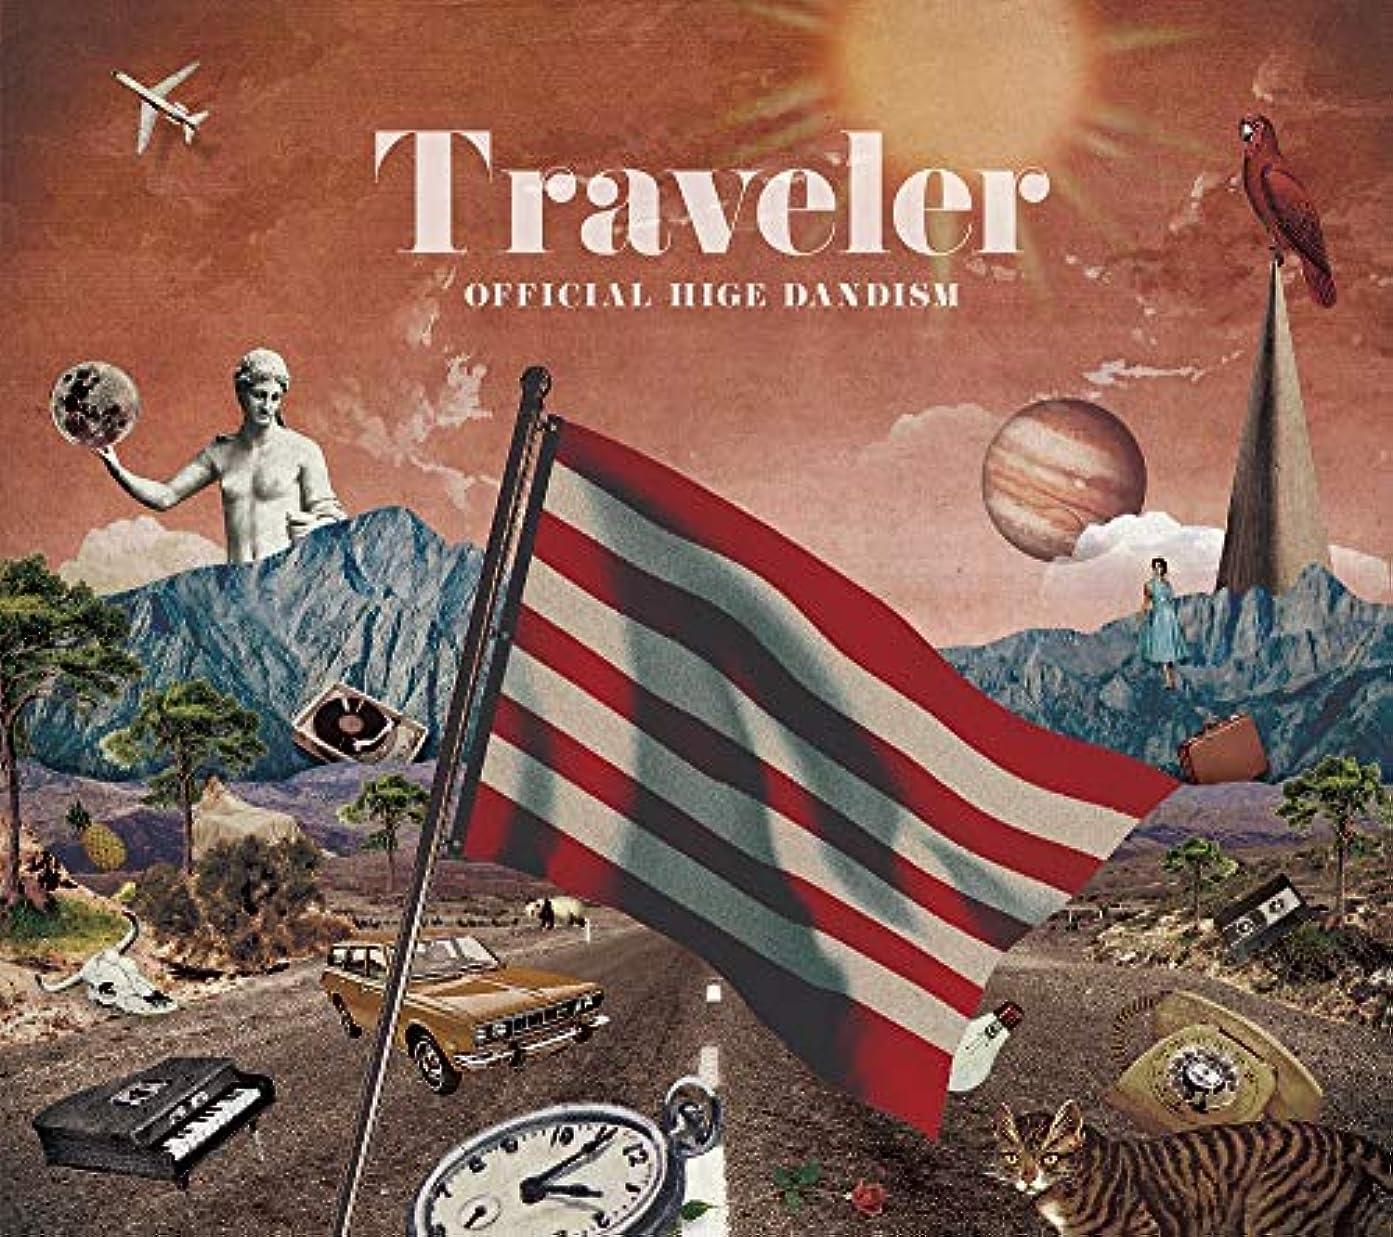 空飛躍カテゴリーTraveler (初回限定LIVE DVD盤)